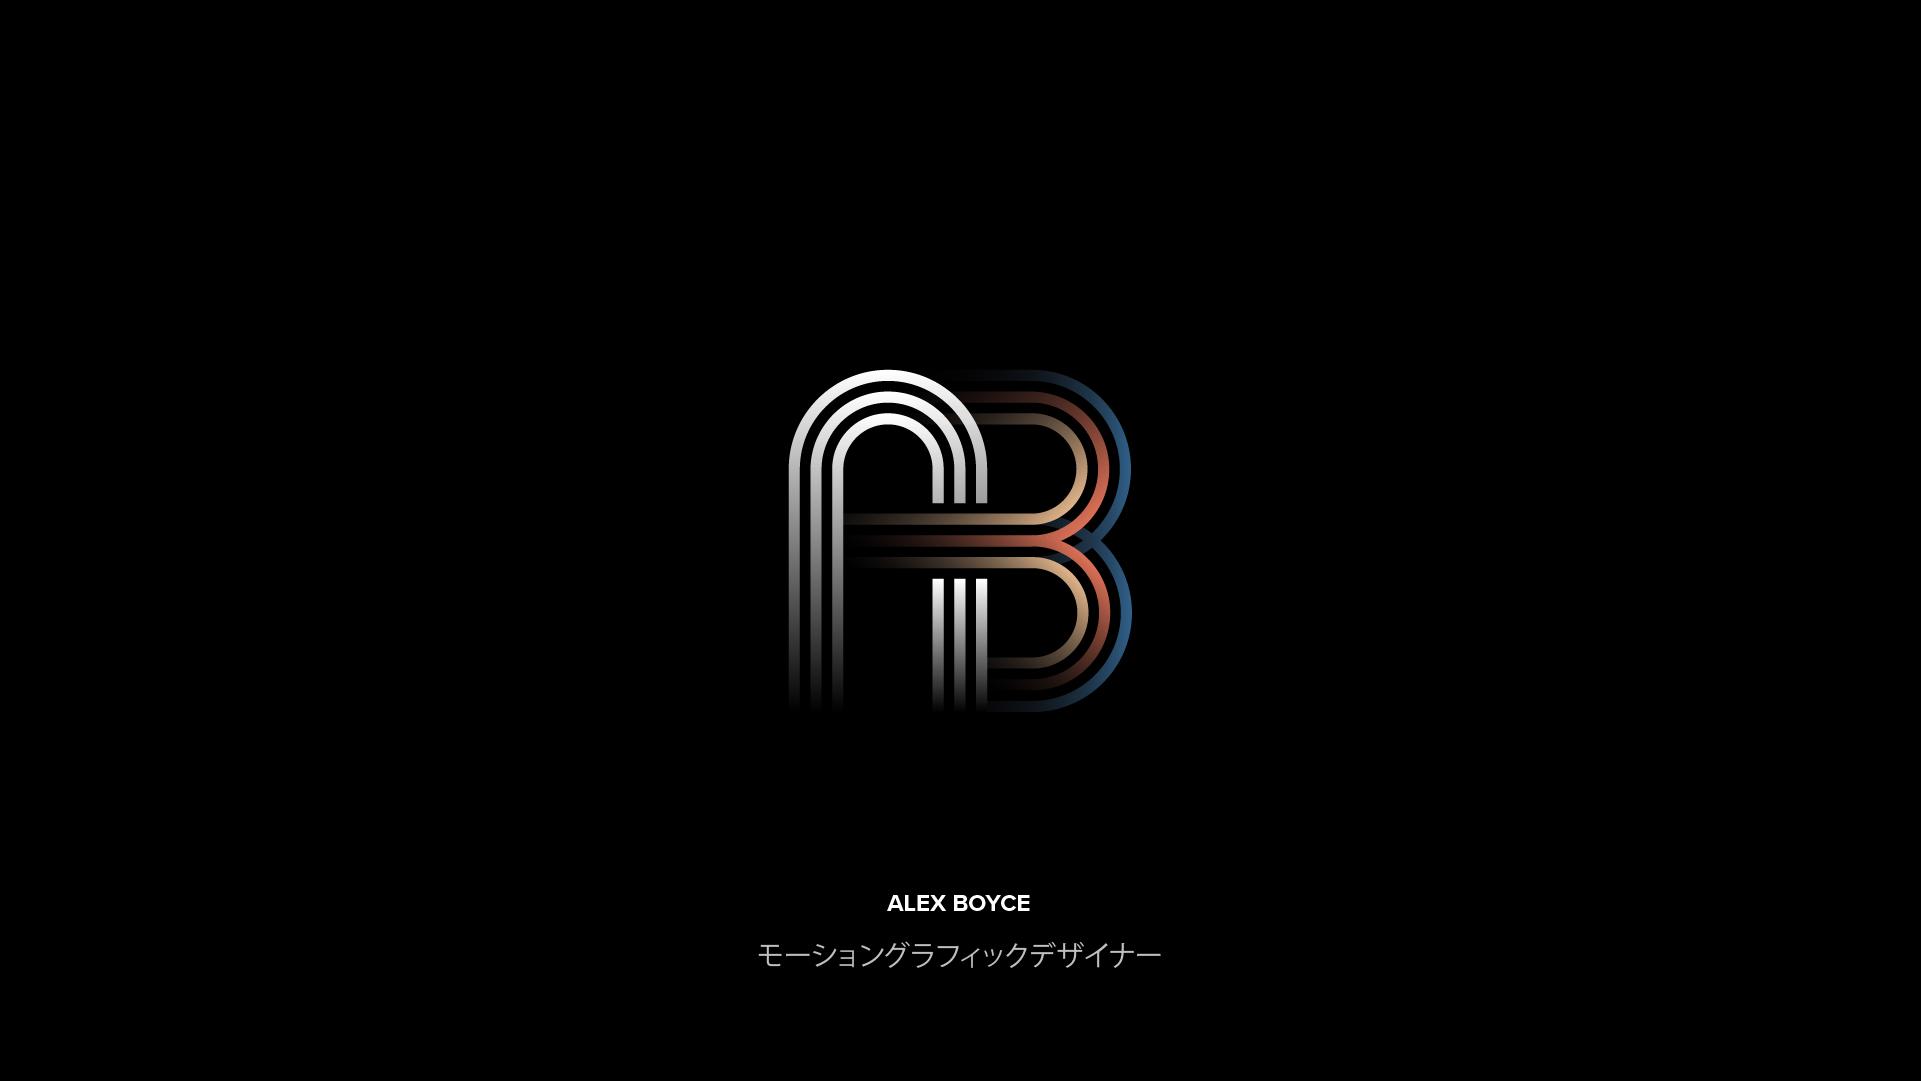 AB_Rebrand_v017-08.jpg